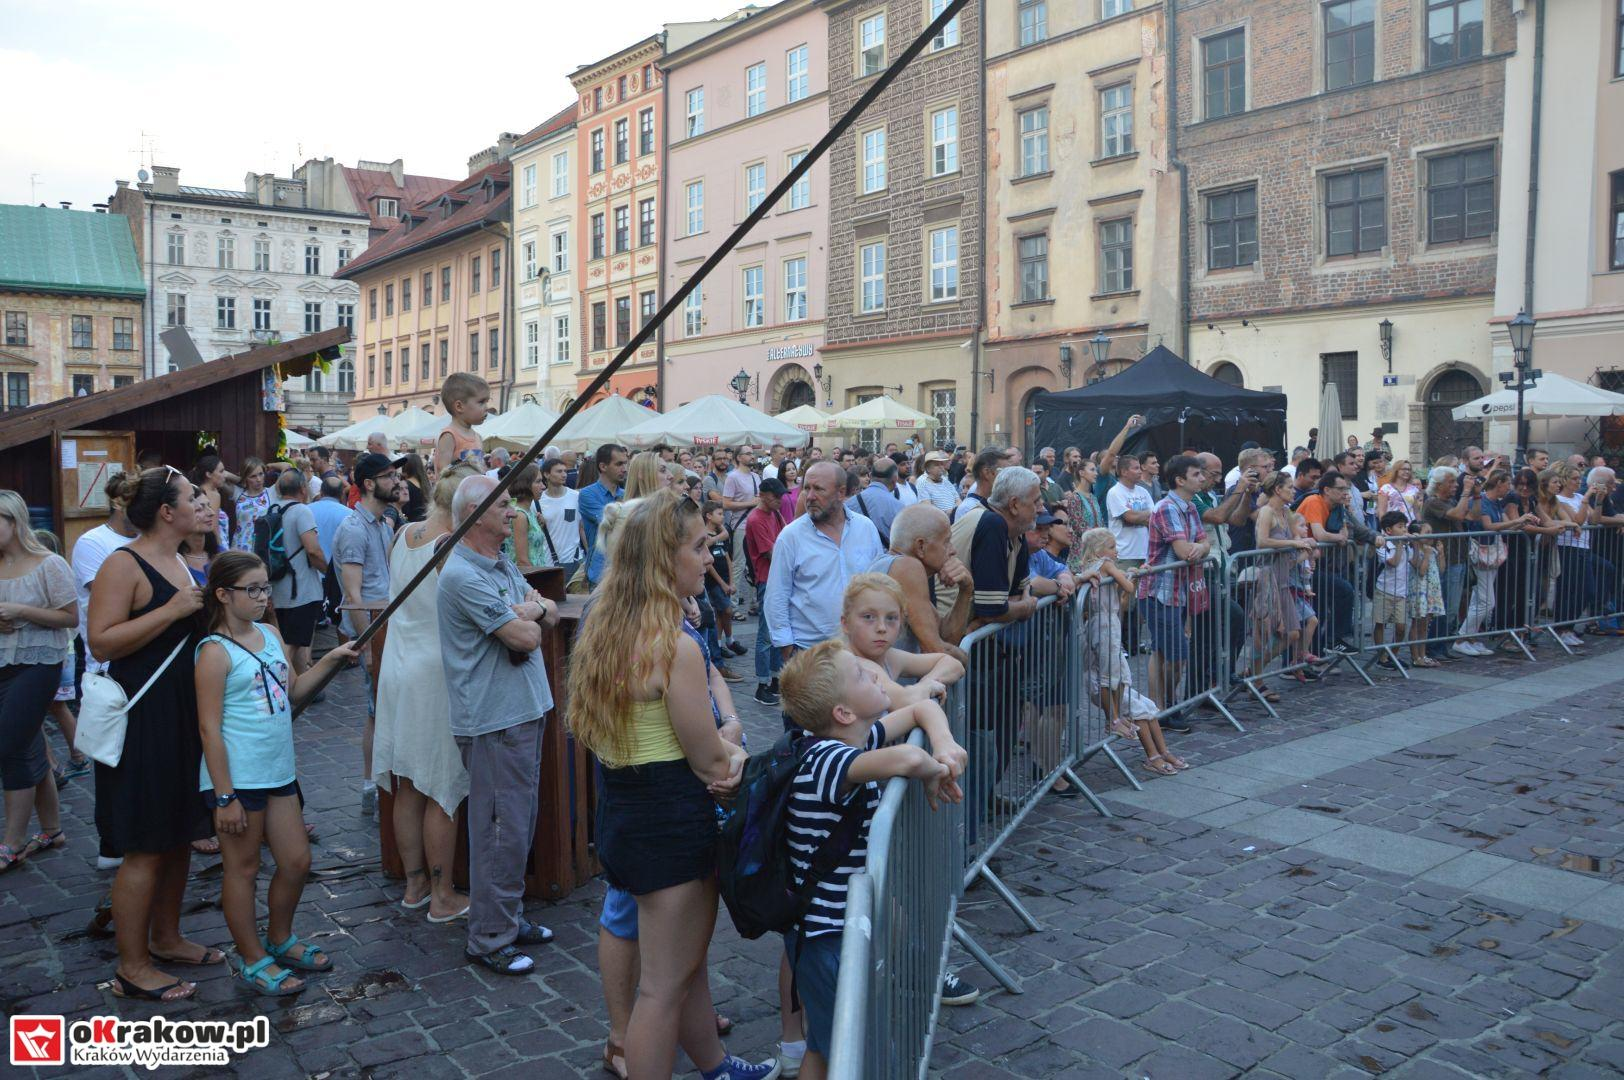 krakow festiwal pierogow maly rynek koncert cheap tobacco 149 150x150 - Galeria zdjęć Festiwal Pierogów Kraków 2018 + zdjęcia z koncertu Cheap Tobacco